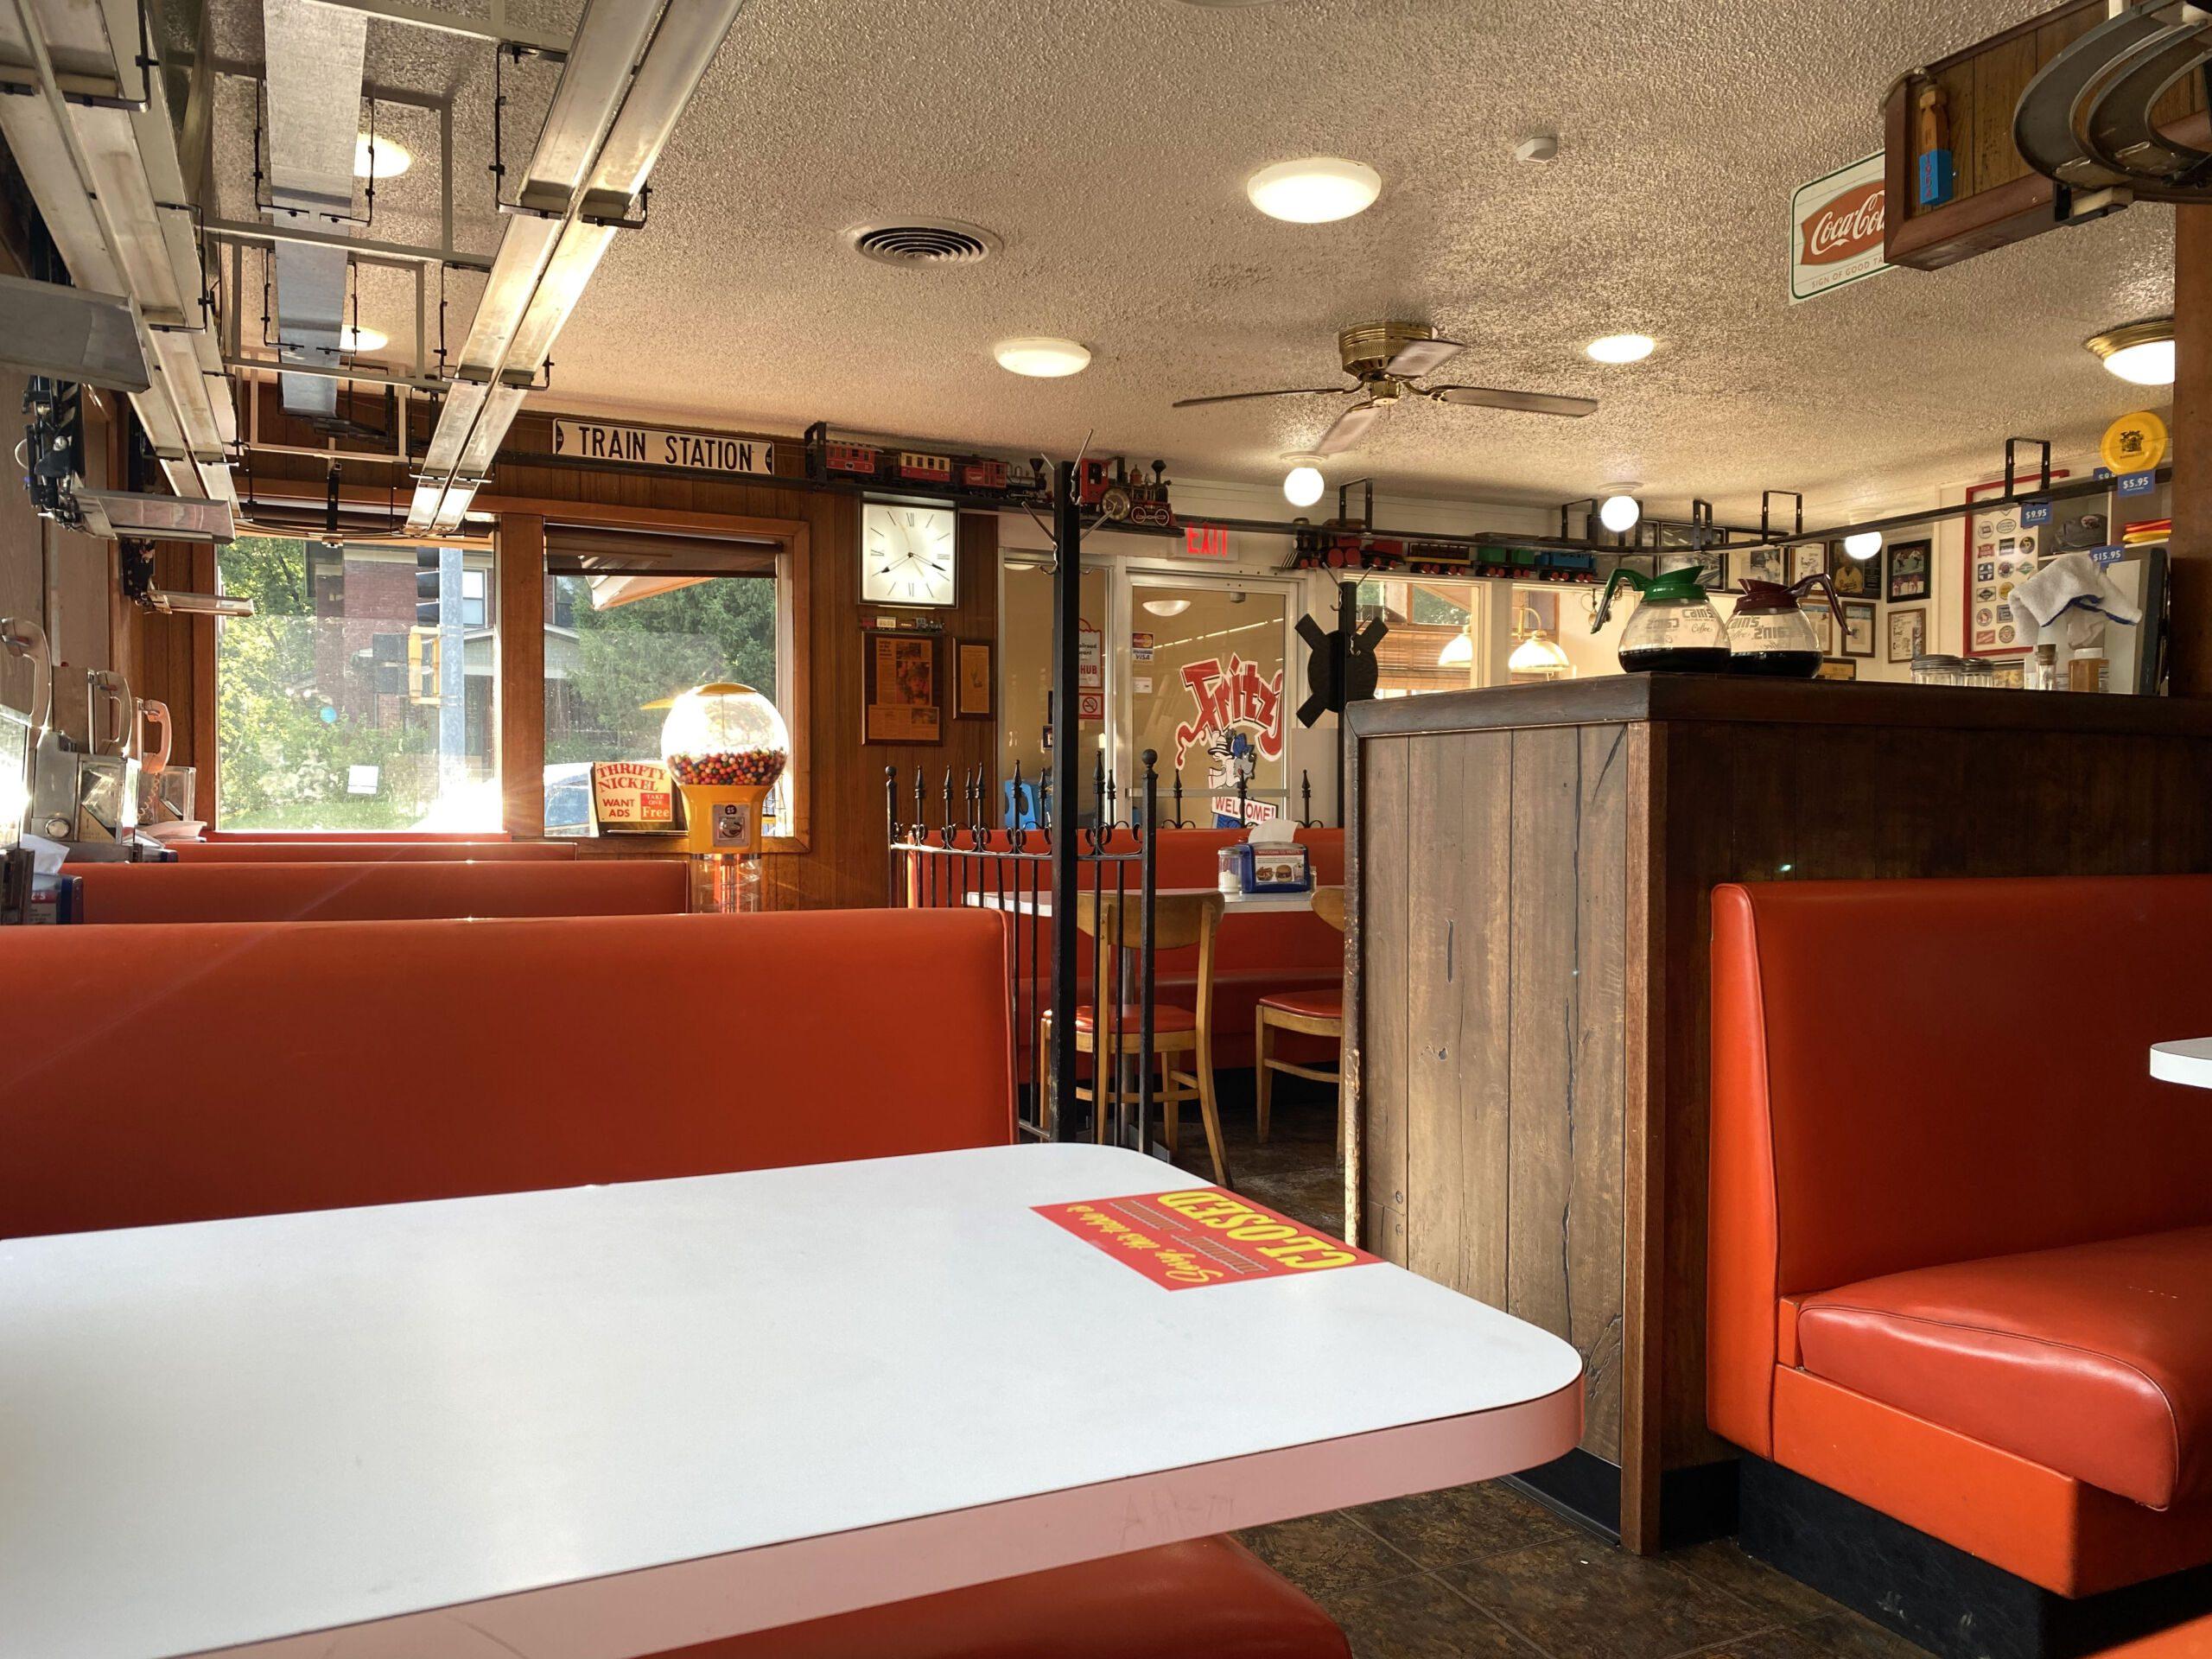 Interior of Fritz's Railroad Restaurant in Kansas City, Kansas